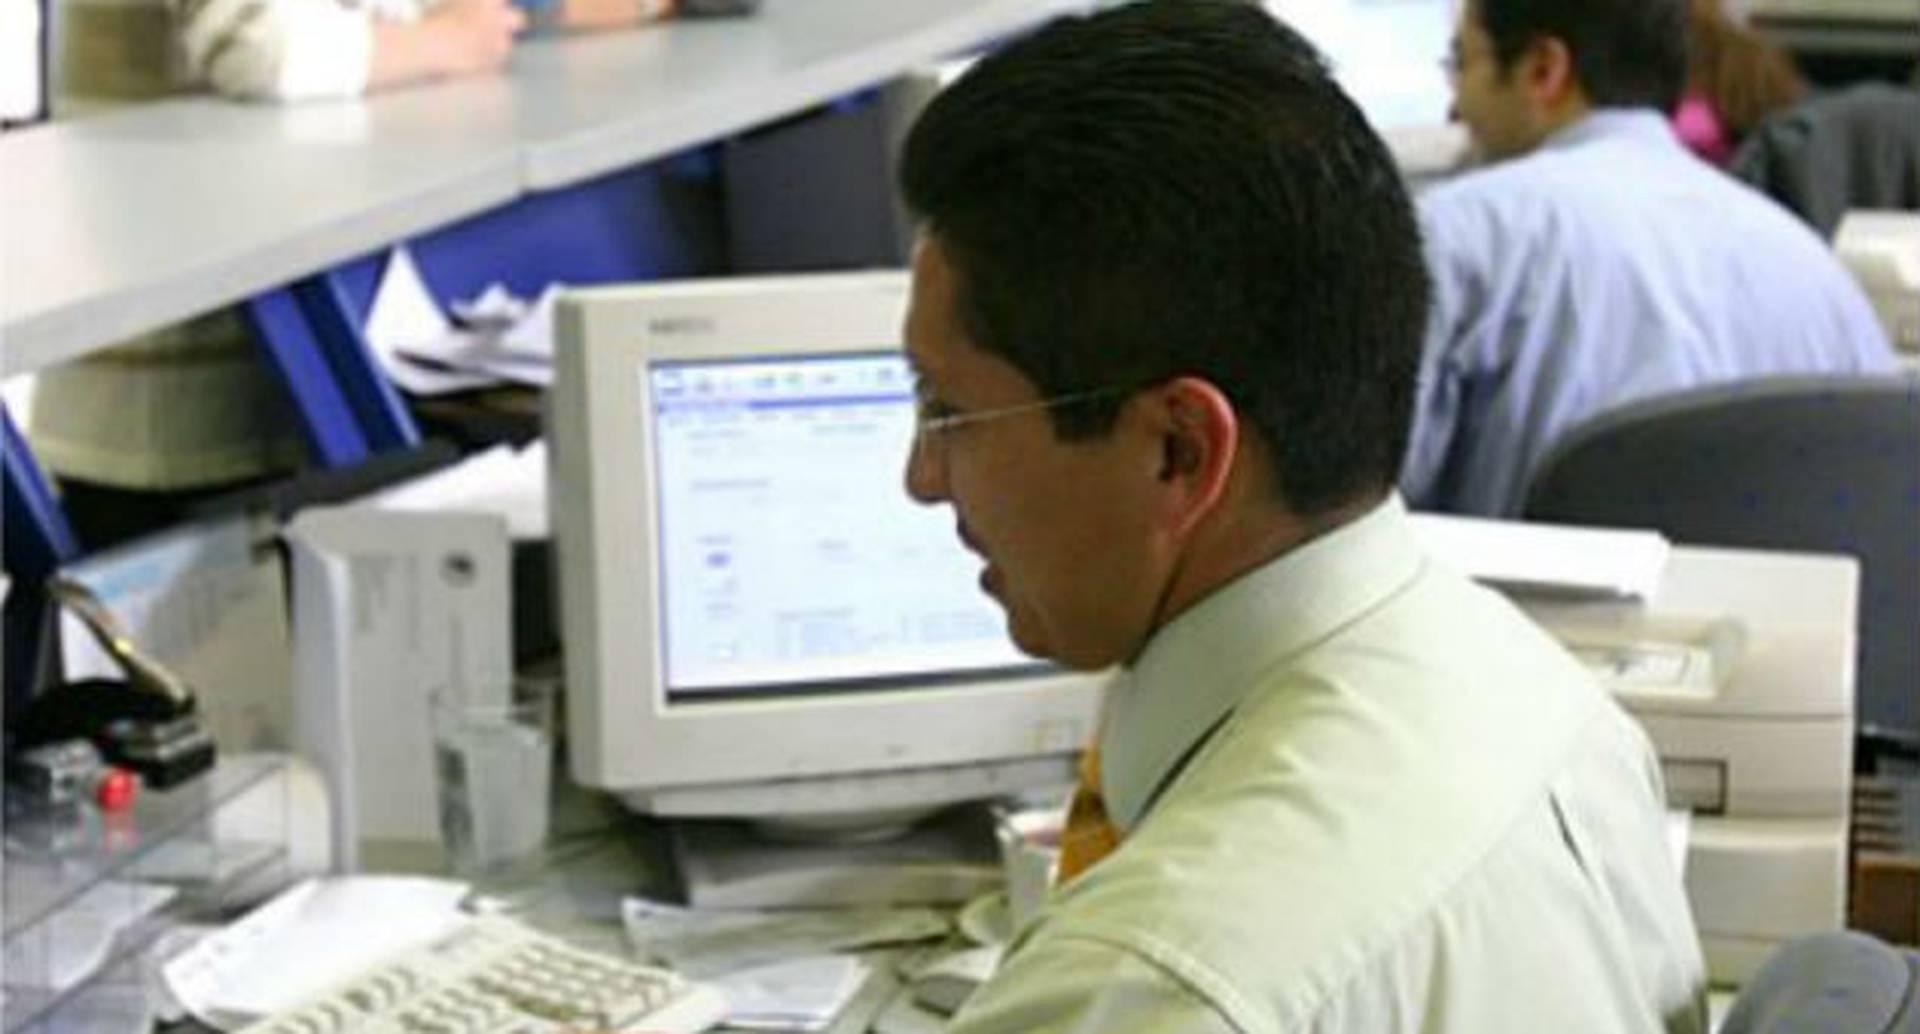 La SIC está revisando si hay mal manejo de datos de personas por parte de algunas cámaras de comercio.